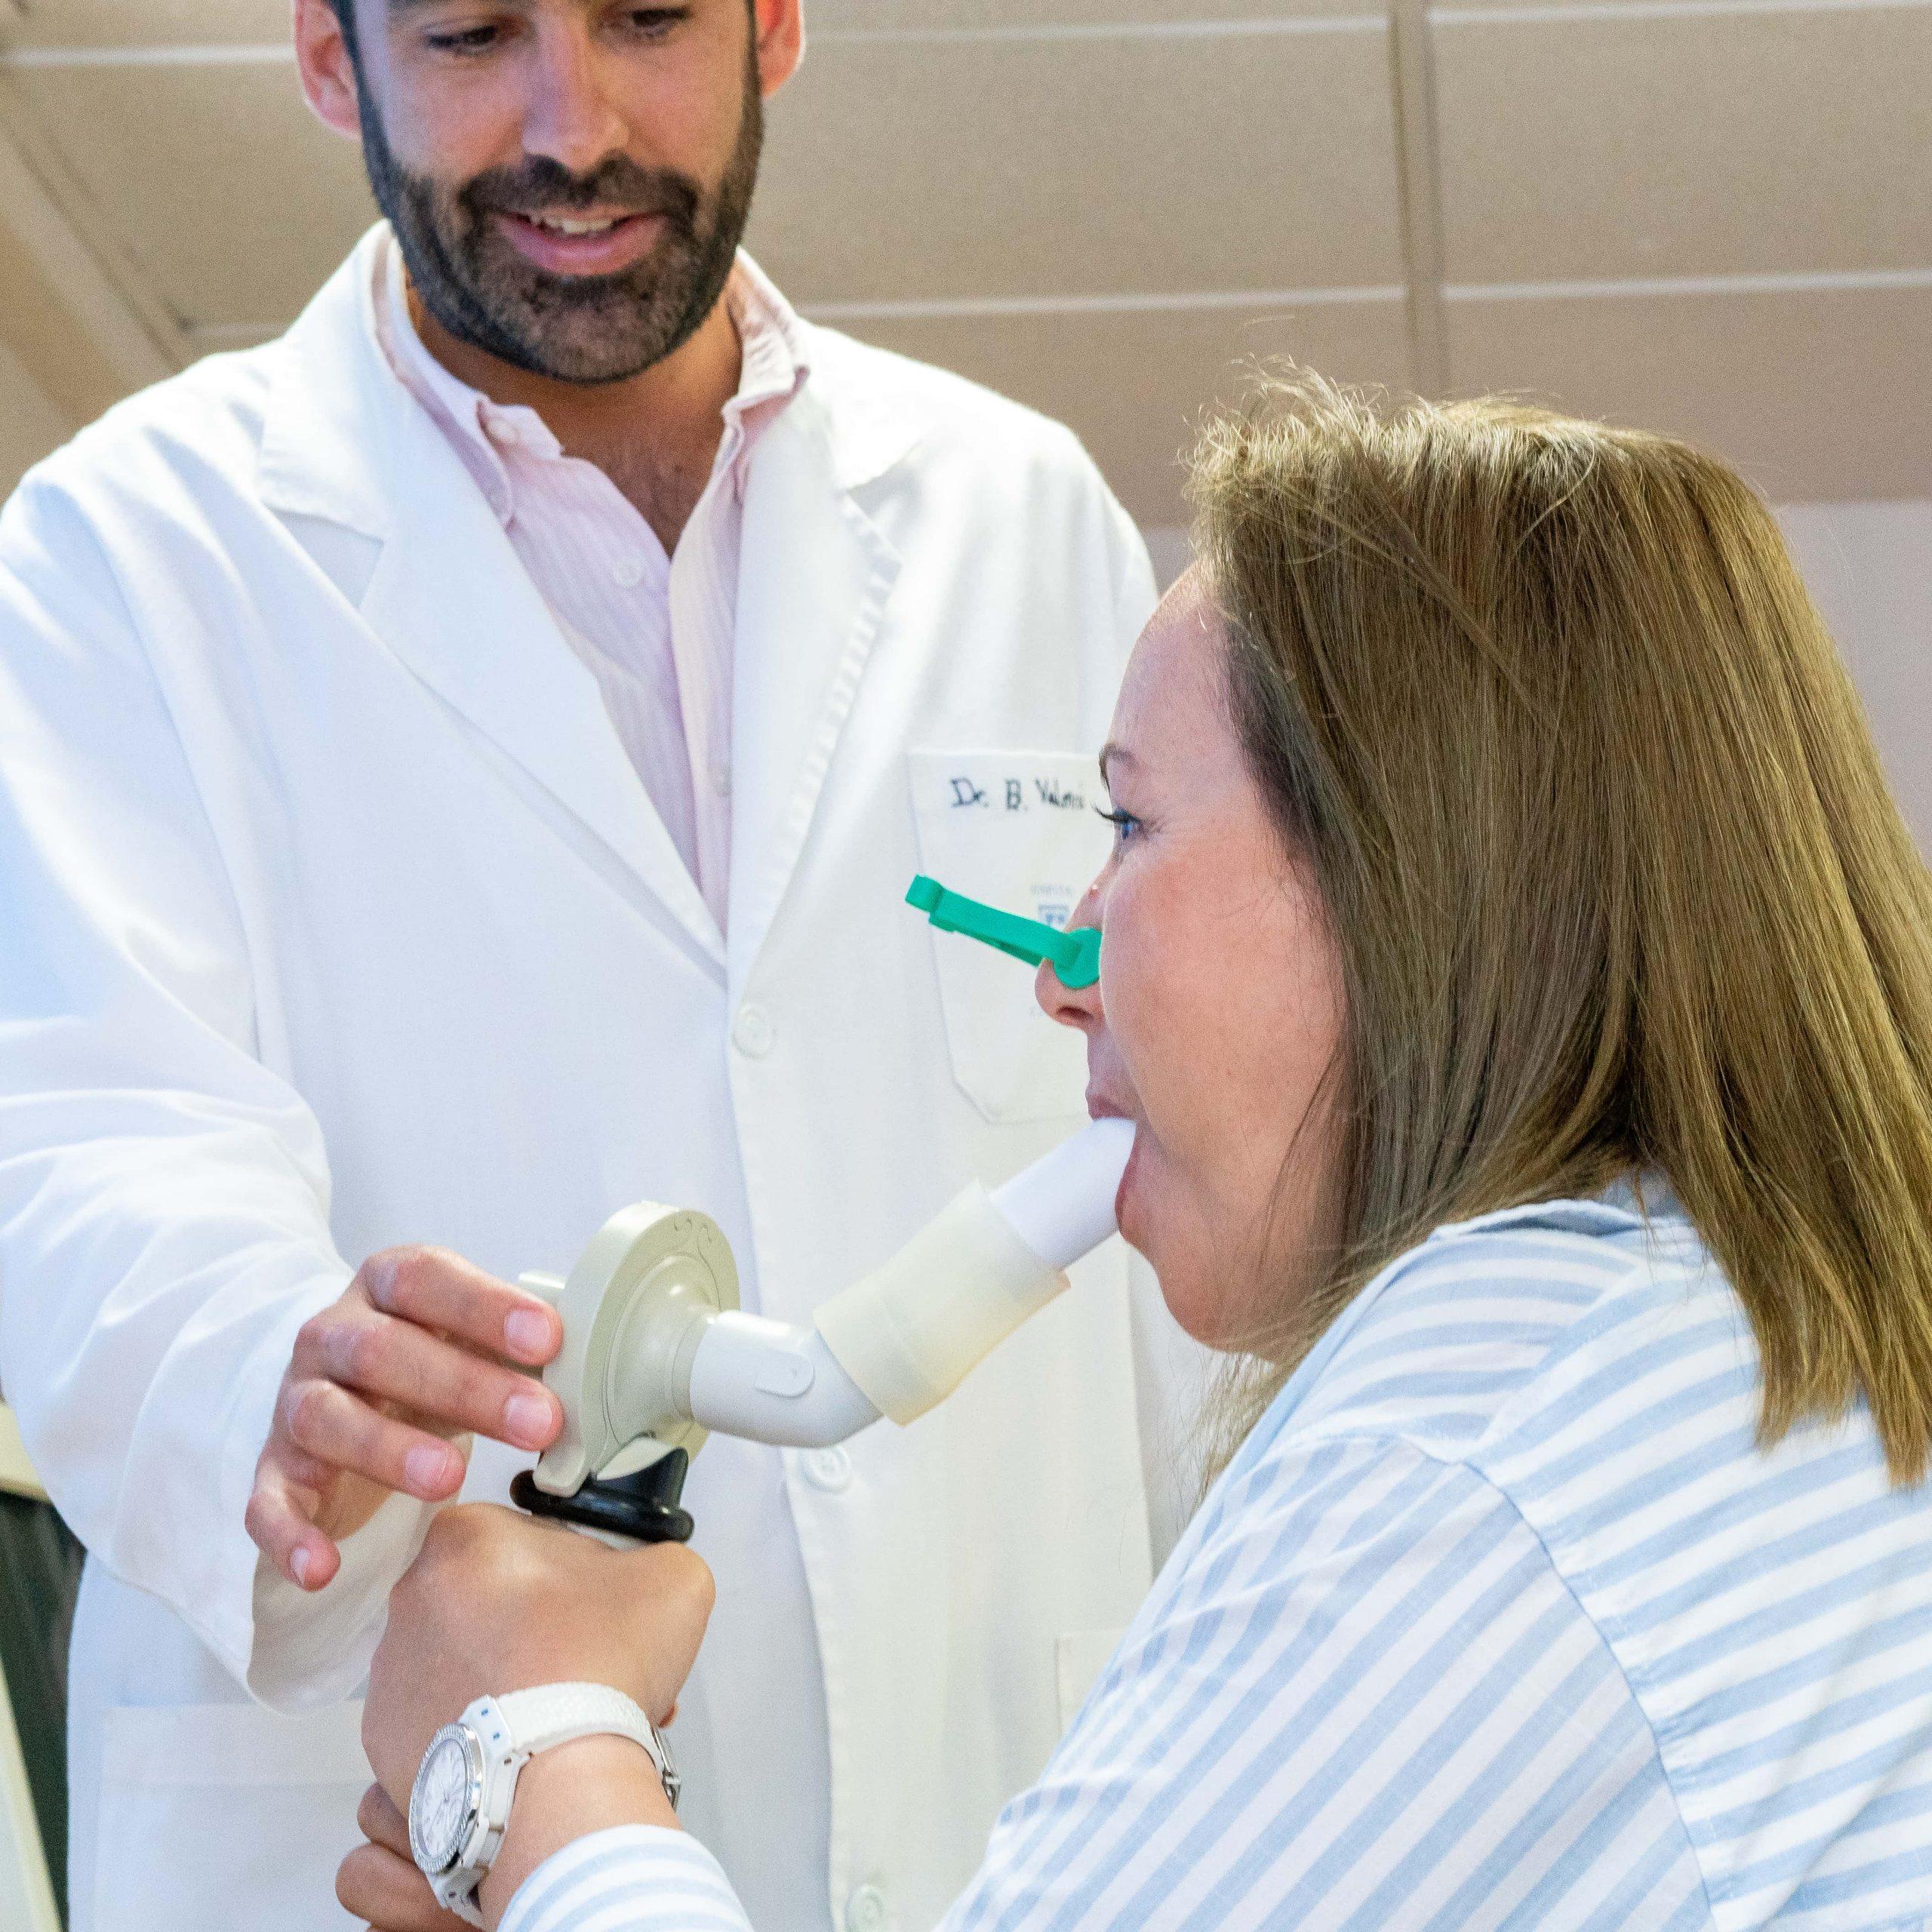 Neumología Hospital Santa Elena, clinica médica en Torremolinos, Málaga. Servicios sanitarios en la Costa del Sol. Más de 30 especialidades y servicio de urgencia